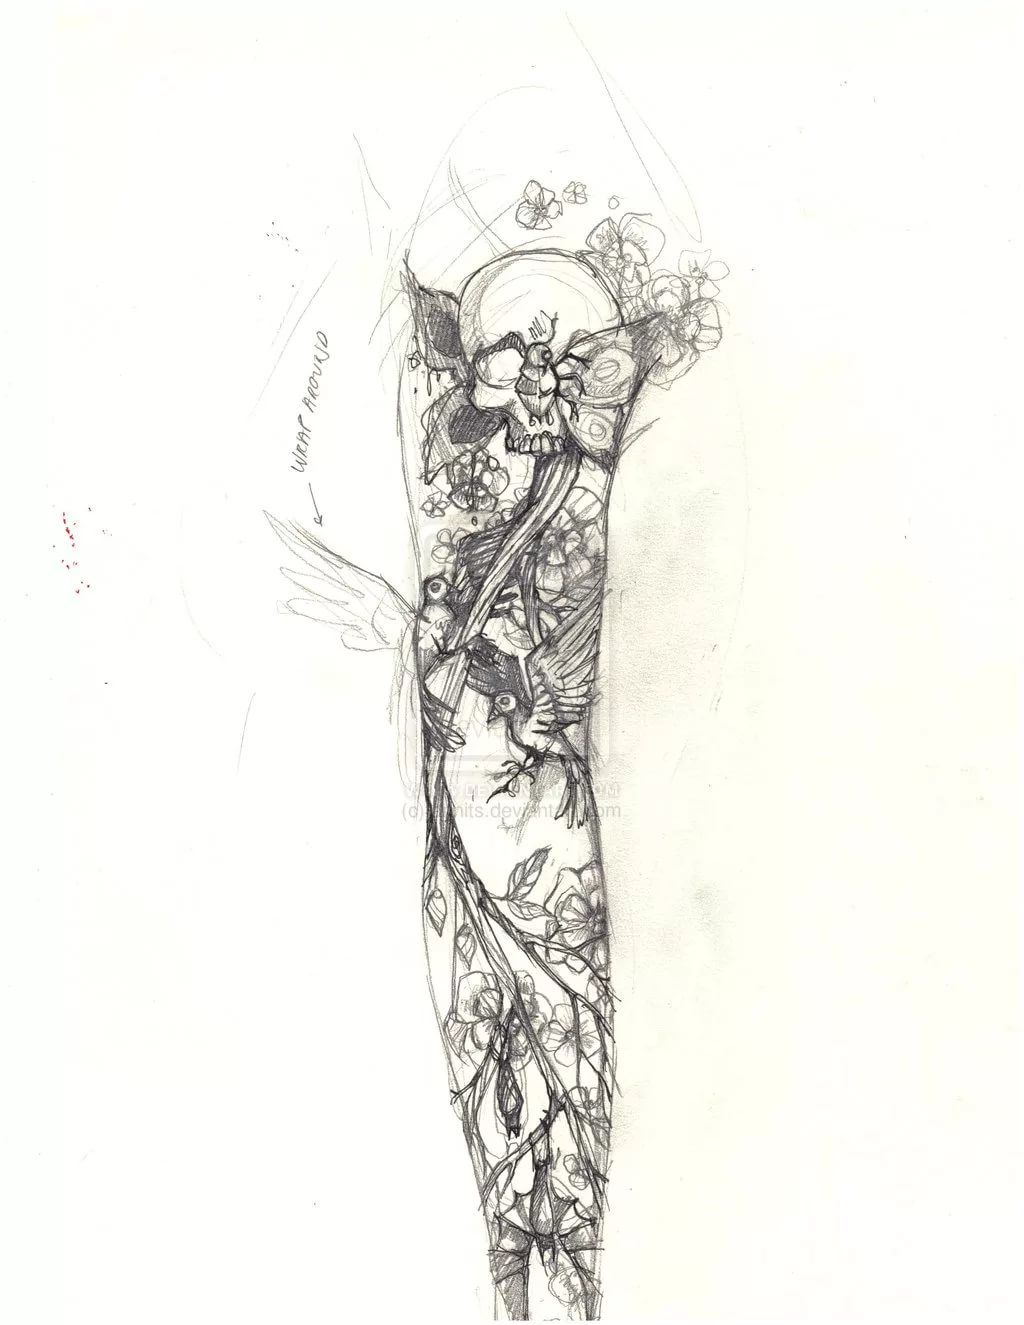 эскизы тату рукава для девушек 13 тыс изображений найдено в яндекс